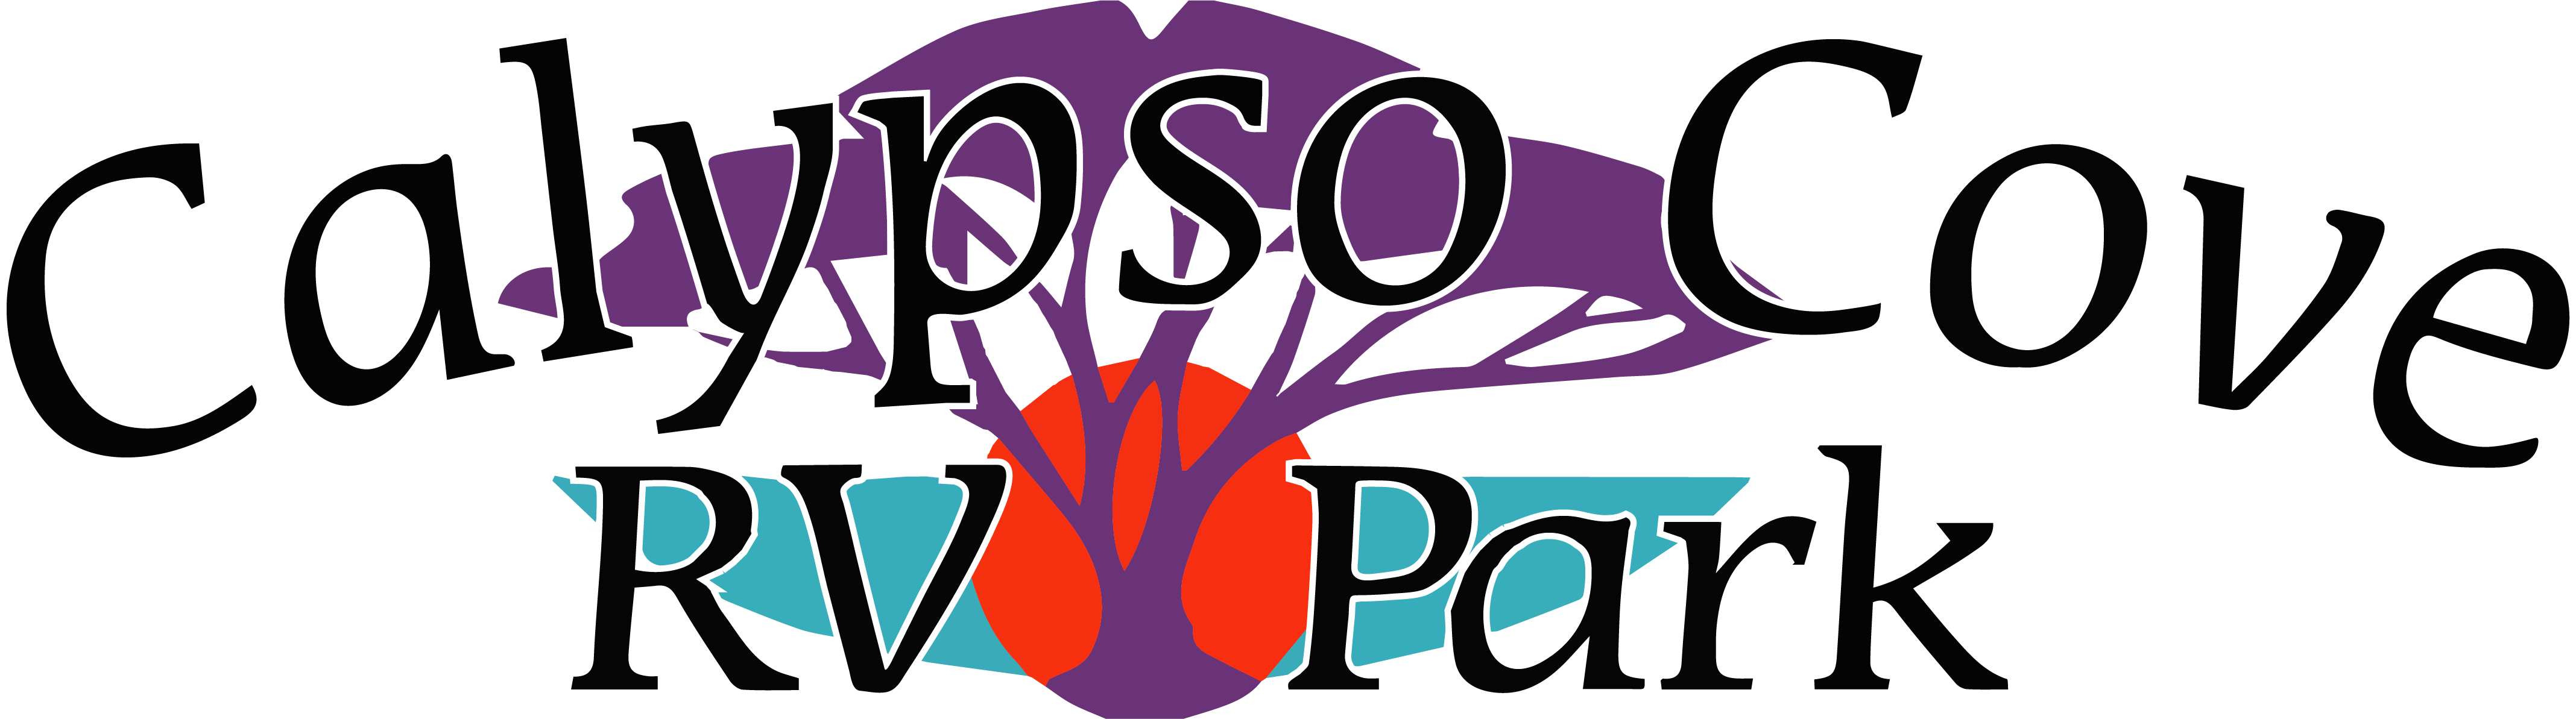 Calypso Cove RV Park Logo